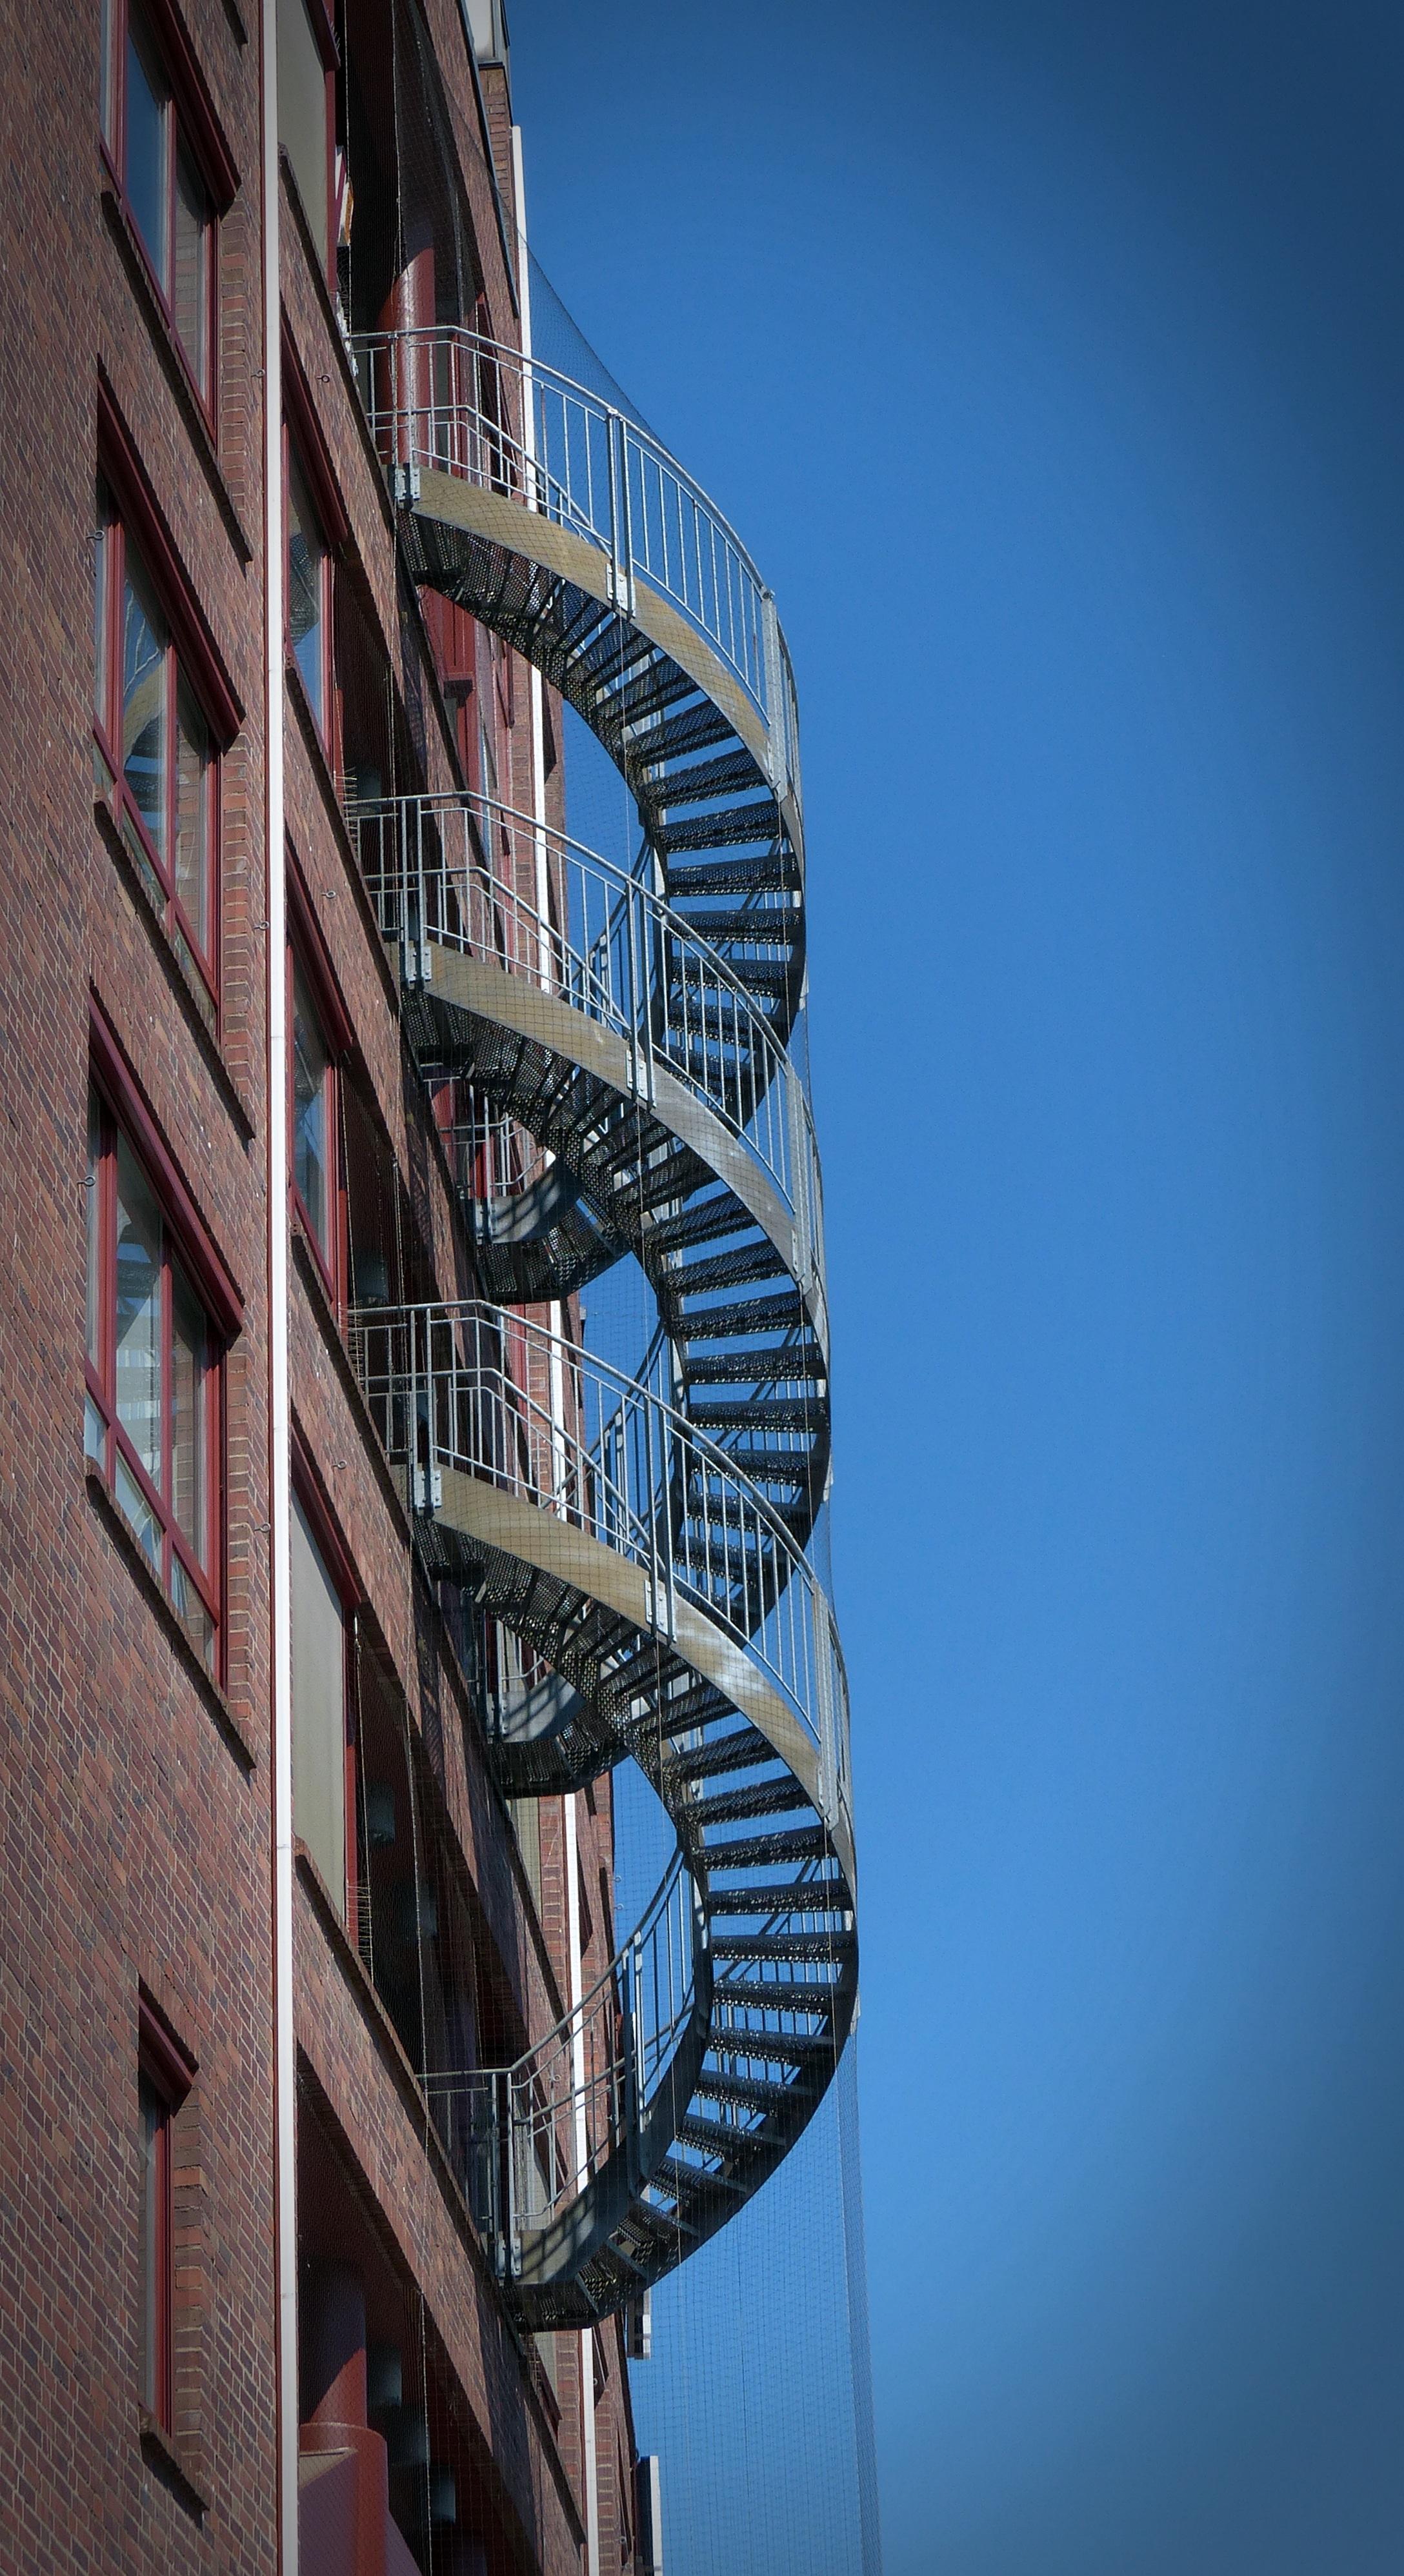 Kostenlose foto : die Architektur, Wolkenkratzer, Stadtbild, stehlen ...